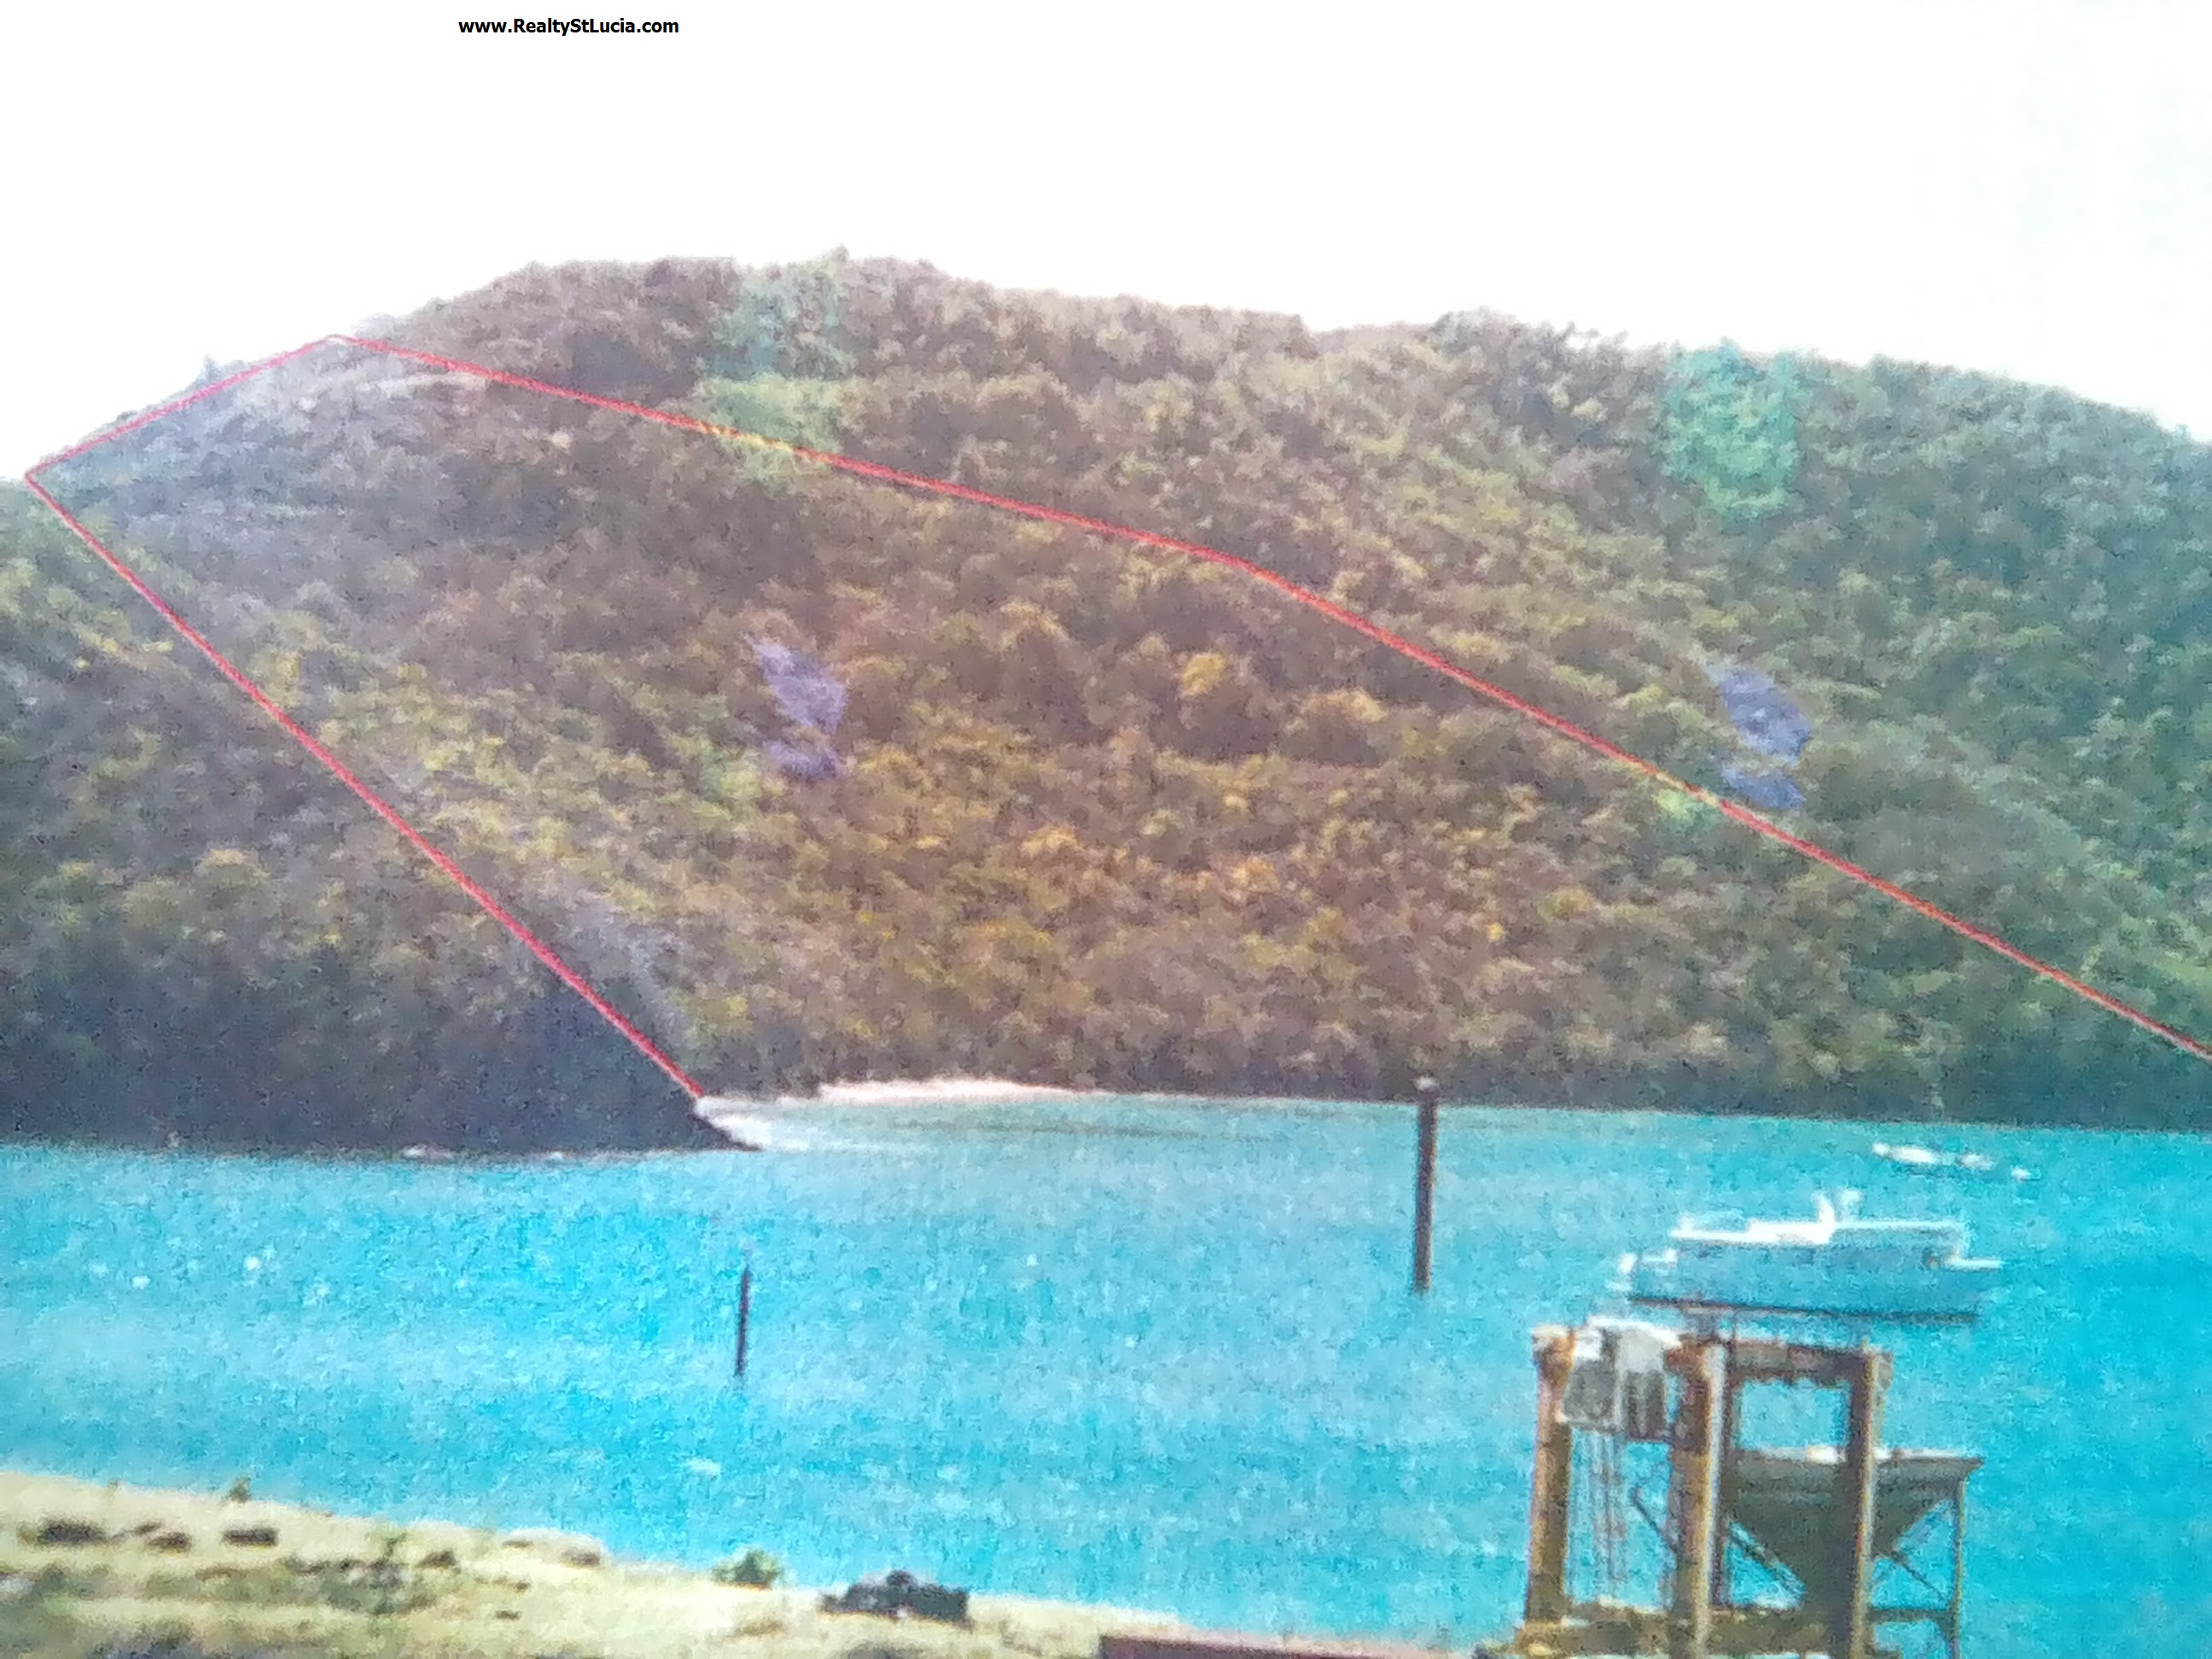 13 acres of land for sale at mou-la-chique vieux-fort st lucia